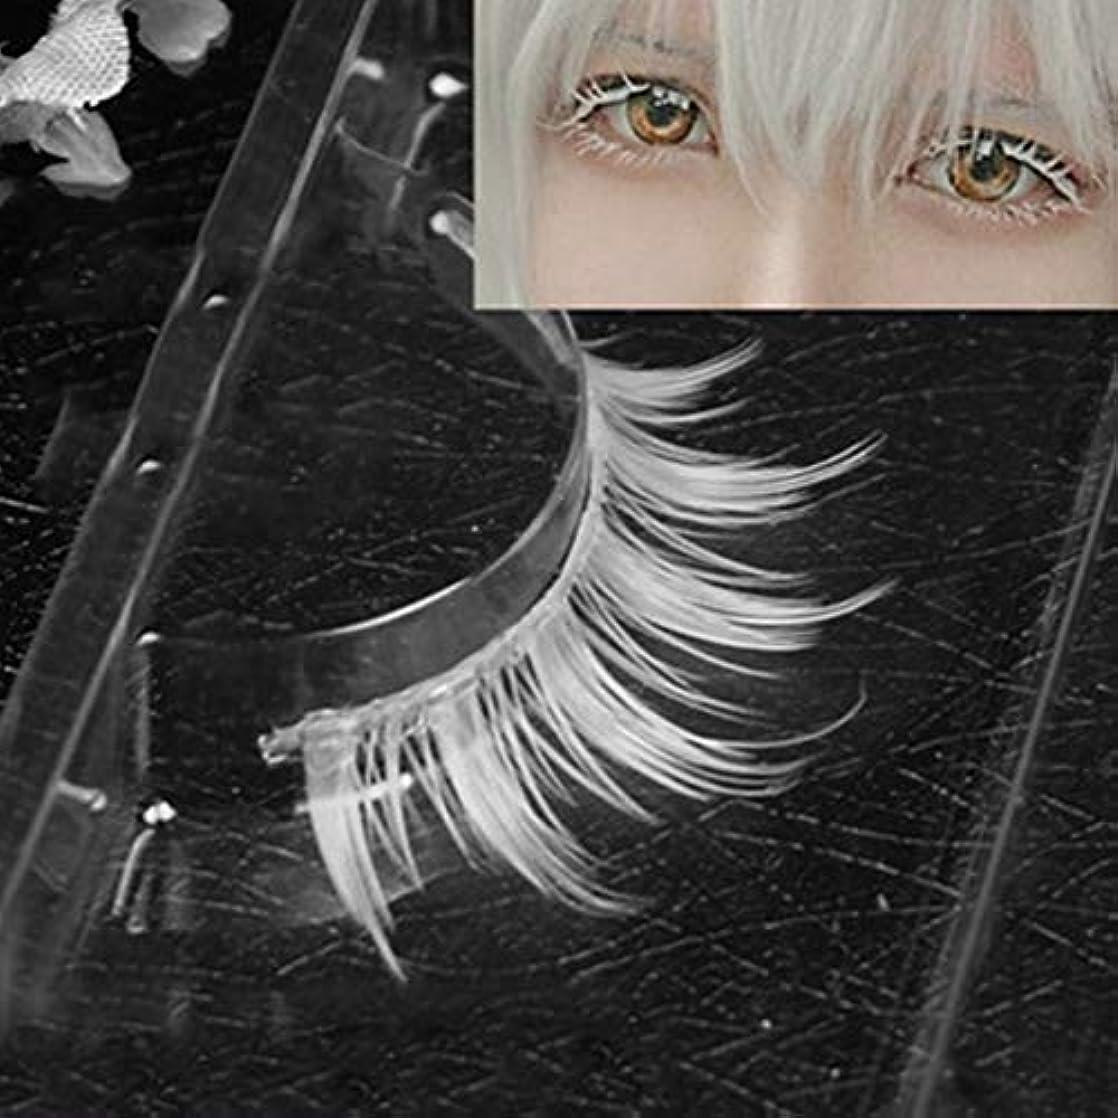 ストレージ柔らかさピアニストMurakush 偽まつげ 1ペア/セット ホワイト 合成繊維 カーリング 厚い 3D ナチュラル ロング 手作り 女性 レディーズ ファッション コスプレ 仮装 目 メイクアップ 美容院 サロン ツール